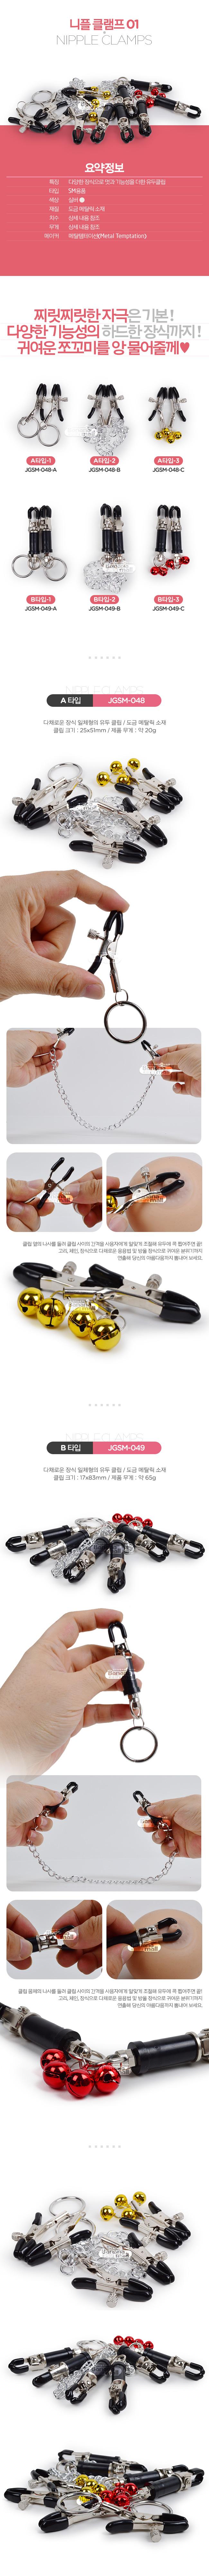 [유두 집게] 니플 클램프 01(Nipple Clamps 01)